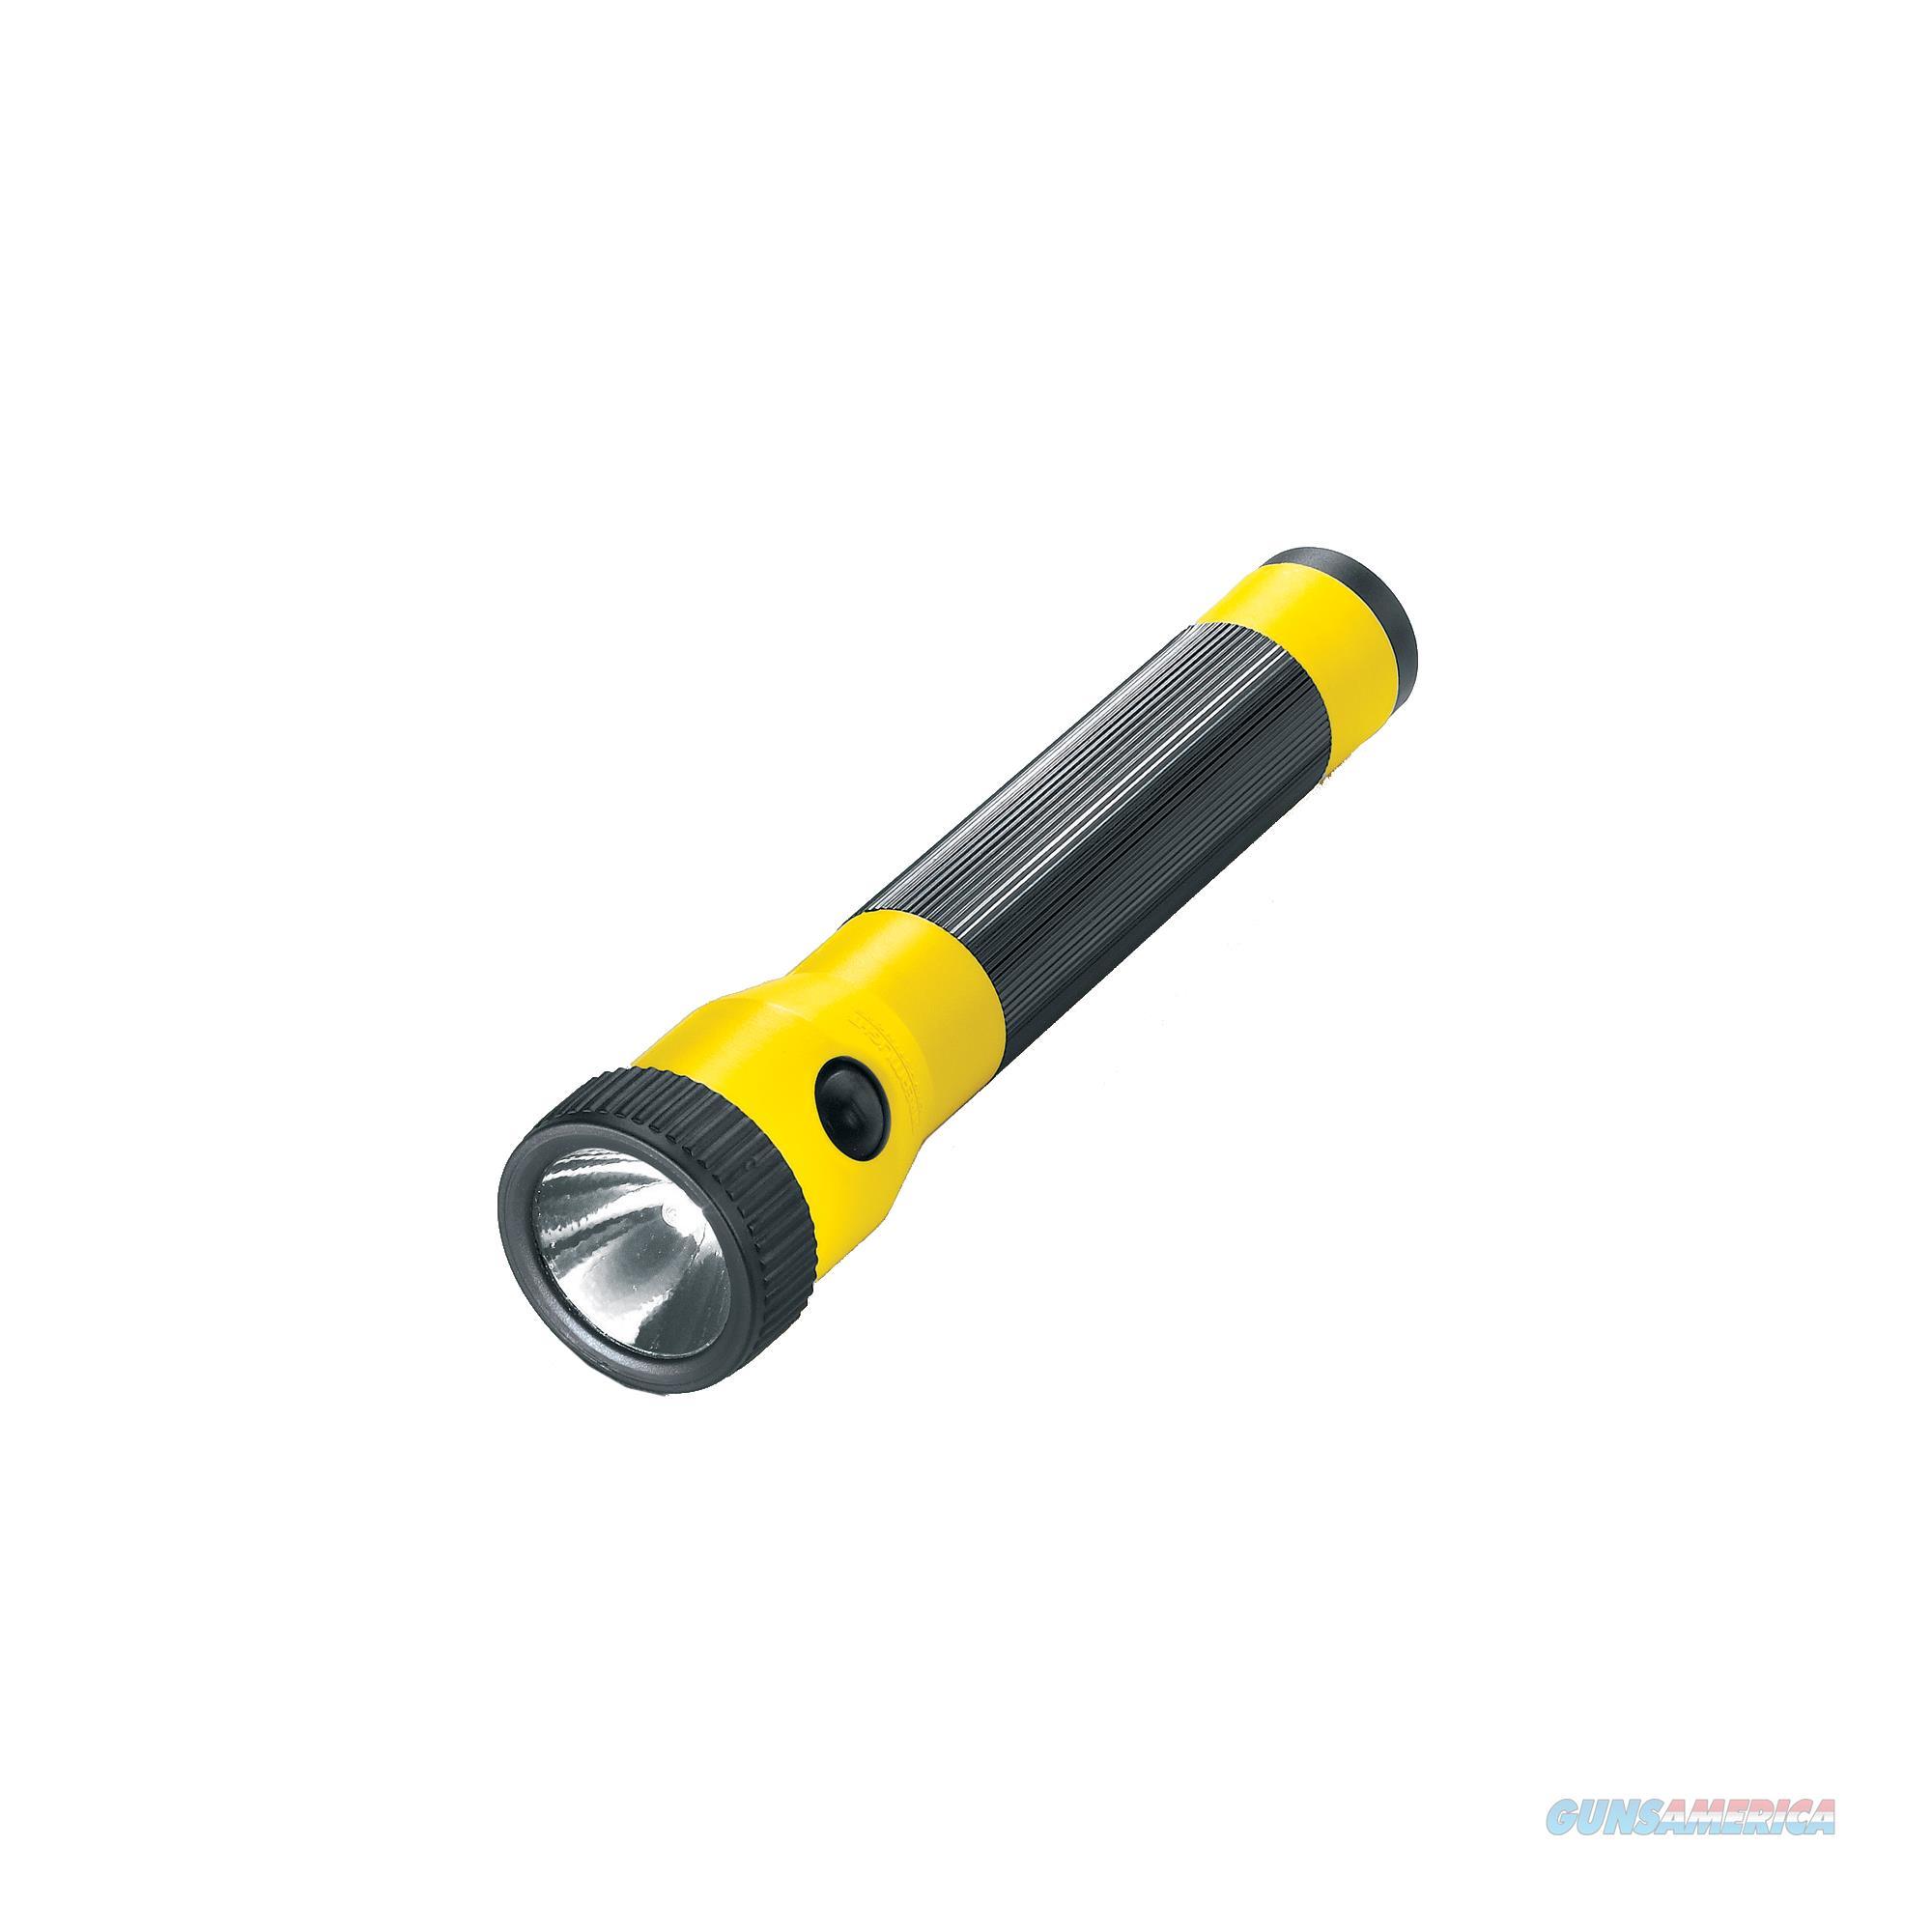 Streamlight Polystinger 76343  Non-Guns > Tactical Equipment/Vests